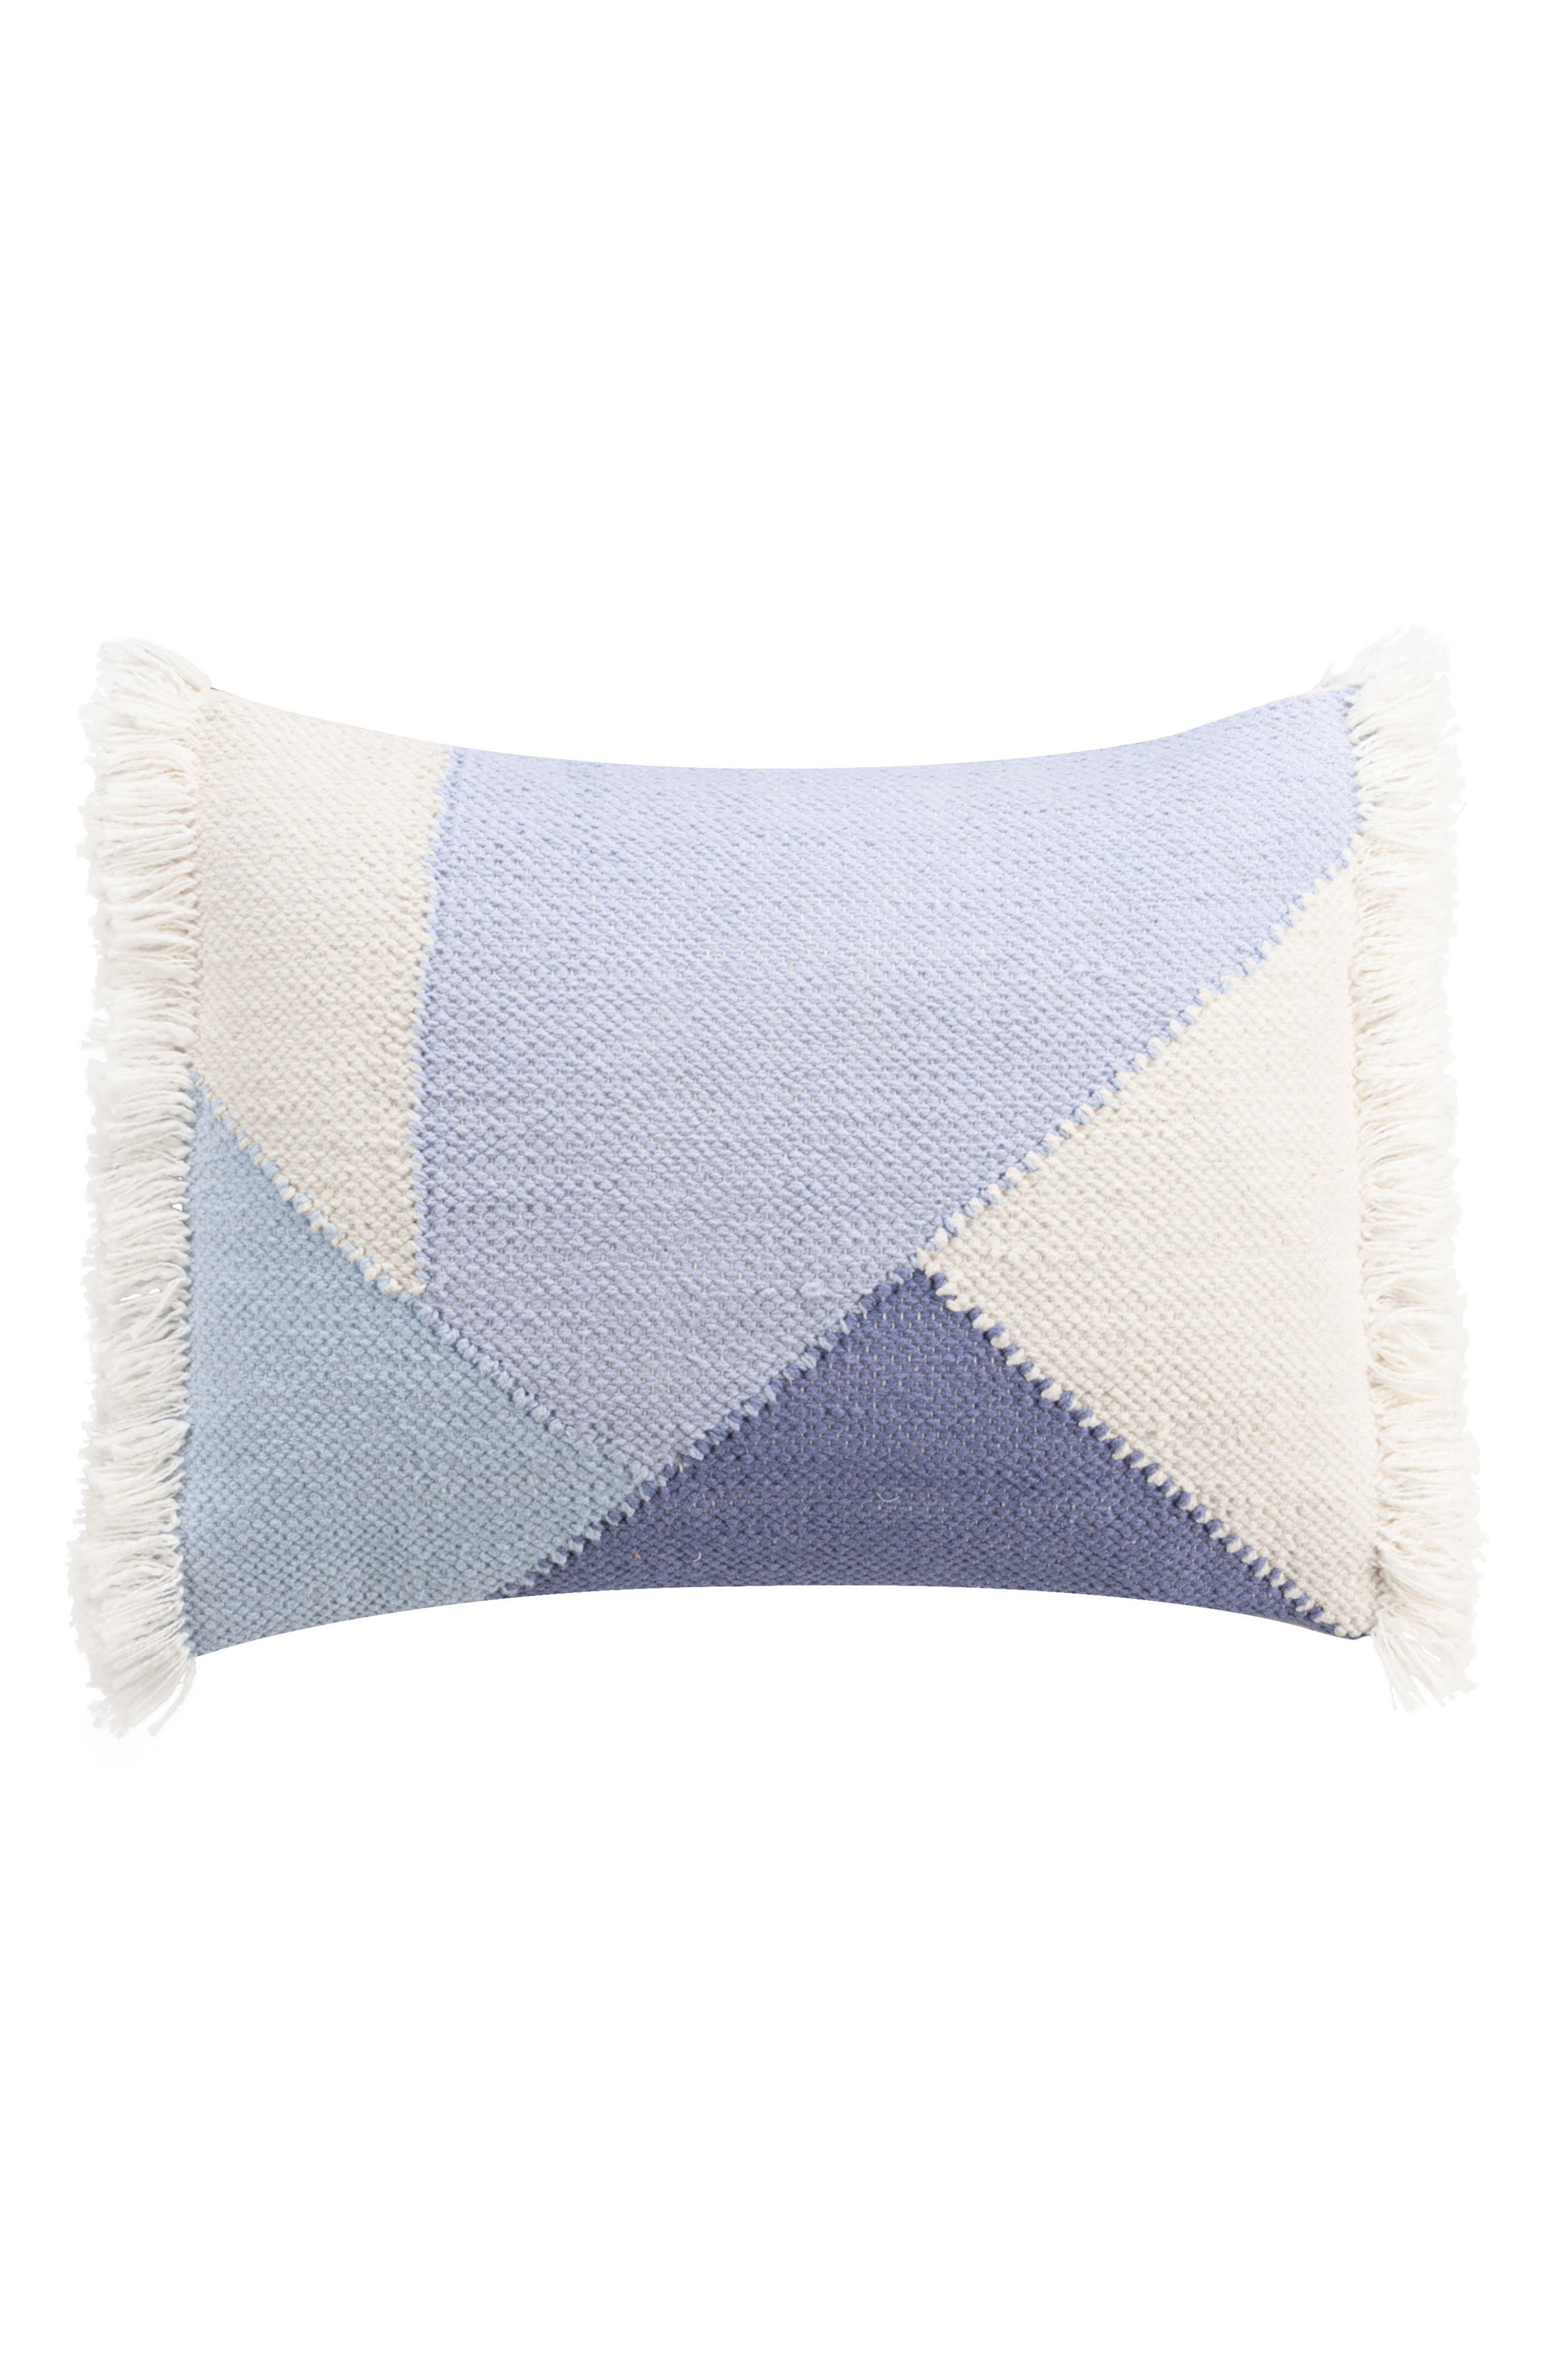 cupcakes & cashmere Mosaic Tile Accent Pillow,                             Main thumbnail 1, color,                             Blue